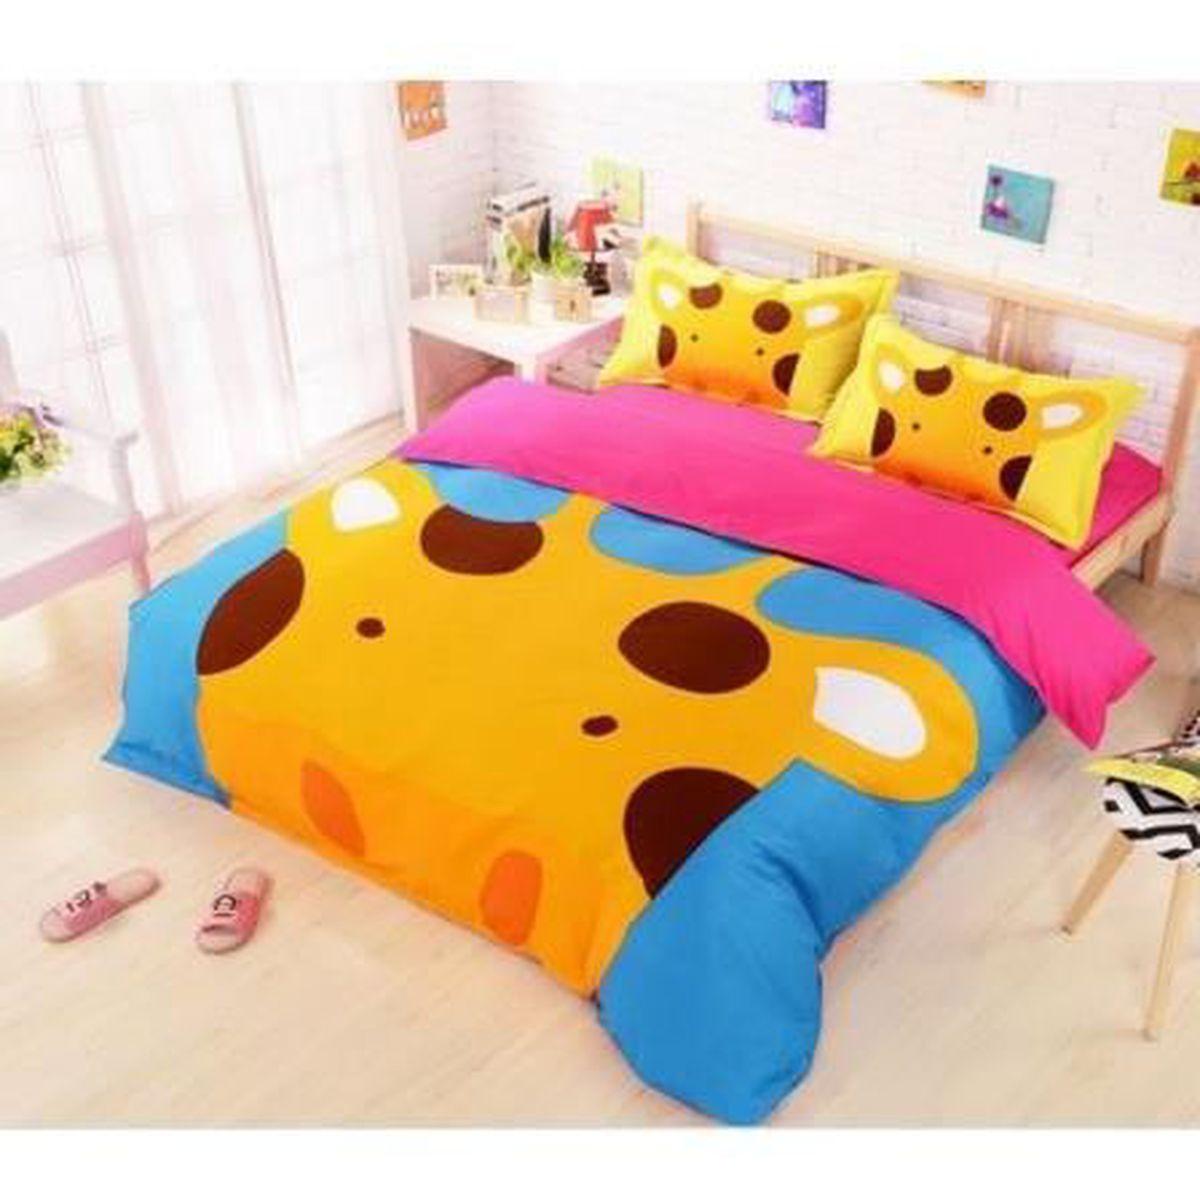 Parure de lit girafe achat vente parure de lit girafe pas cher cdiscount - Cdiscount parure de lit ...